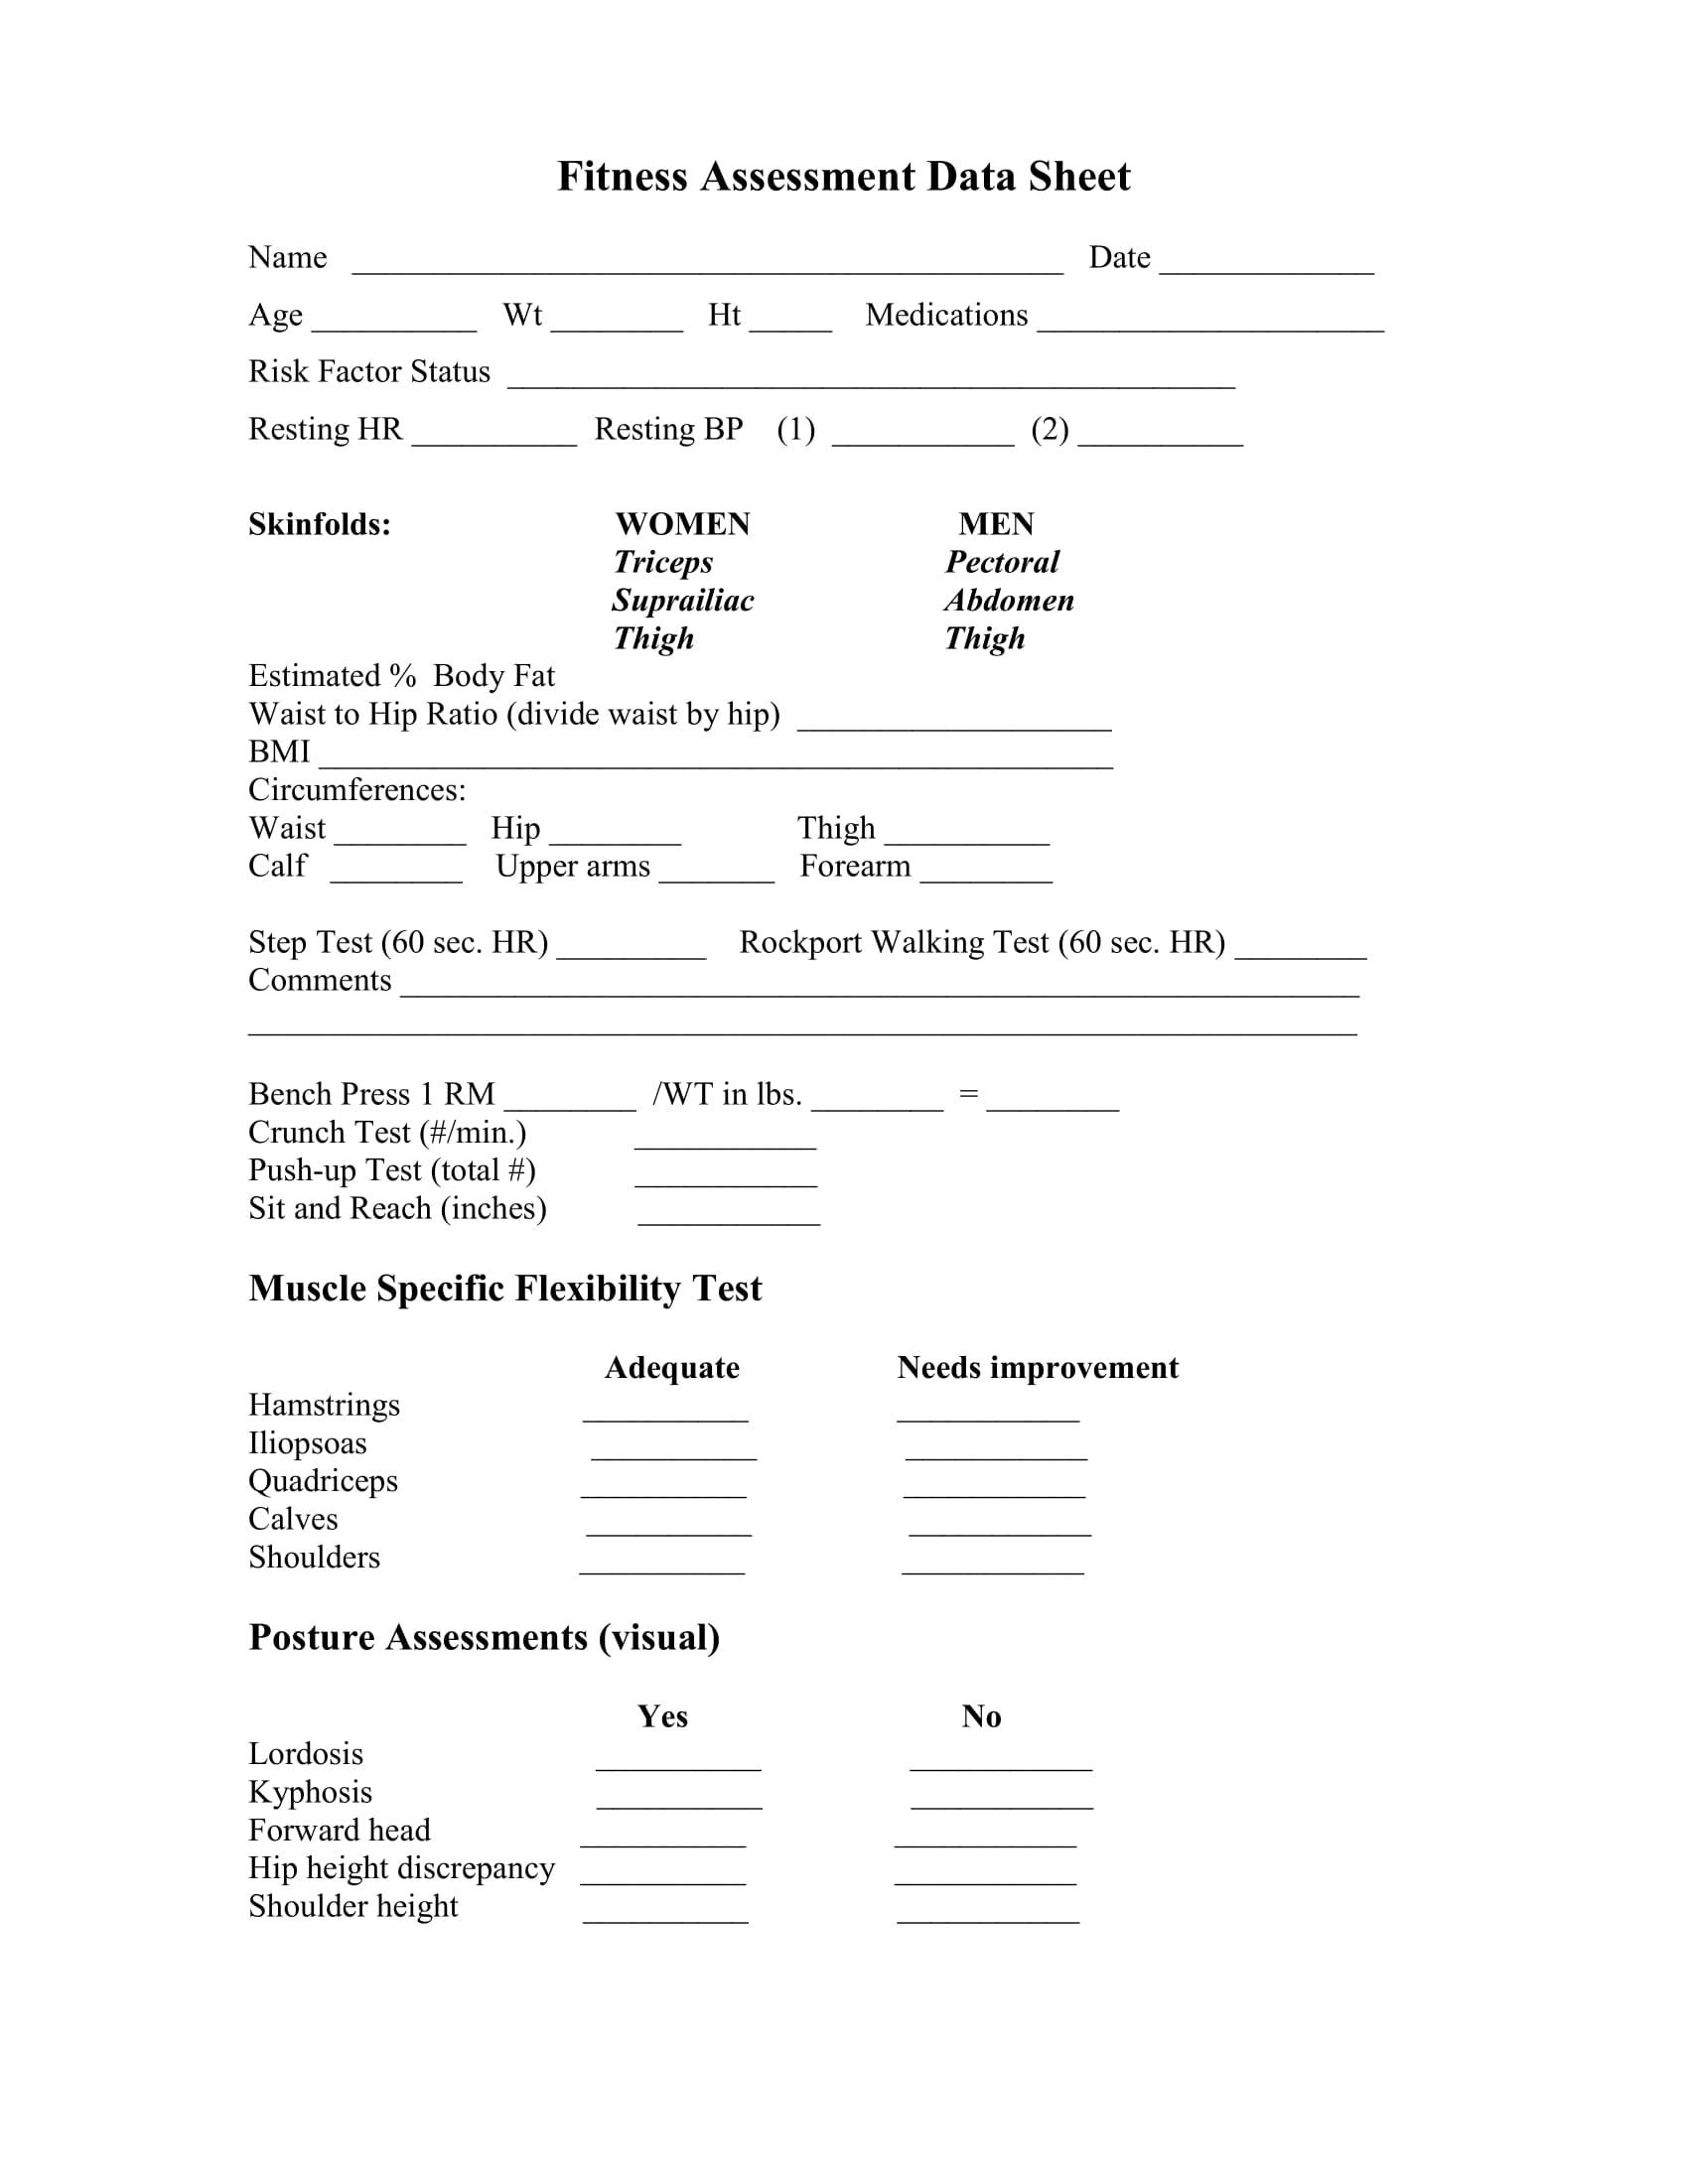 Fitness Testing Worksheet